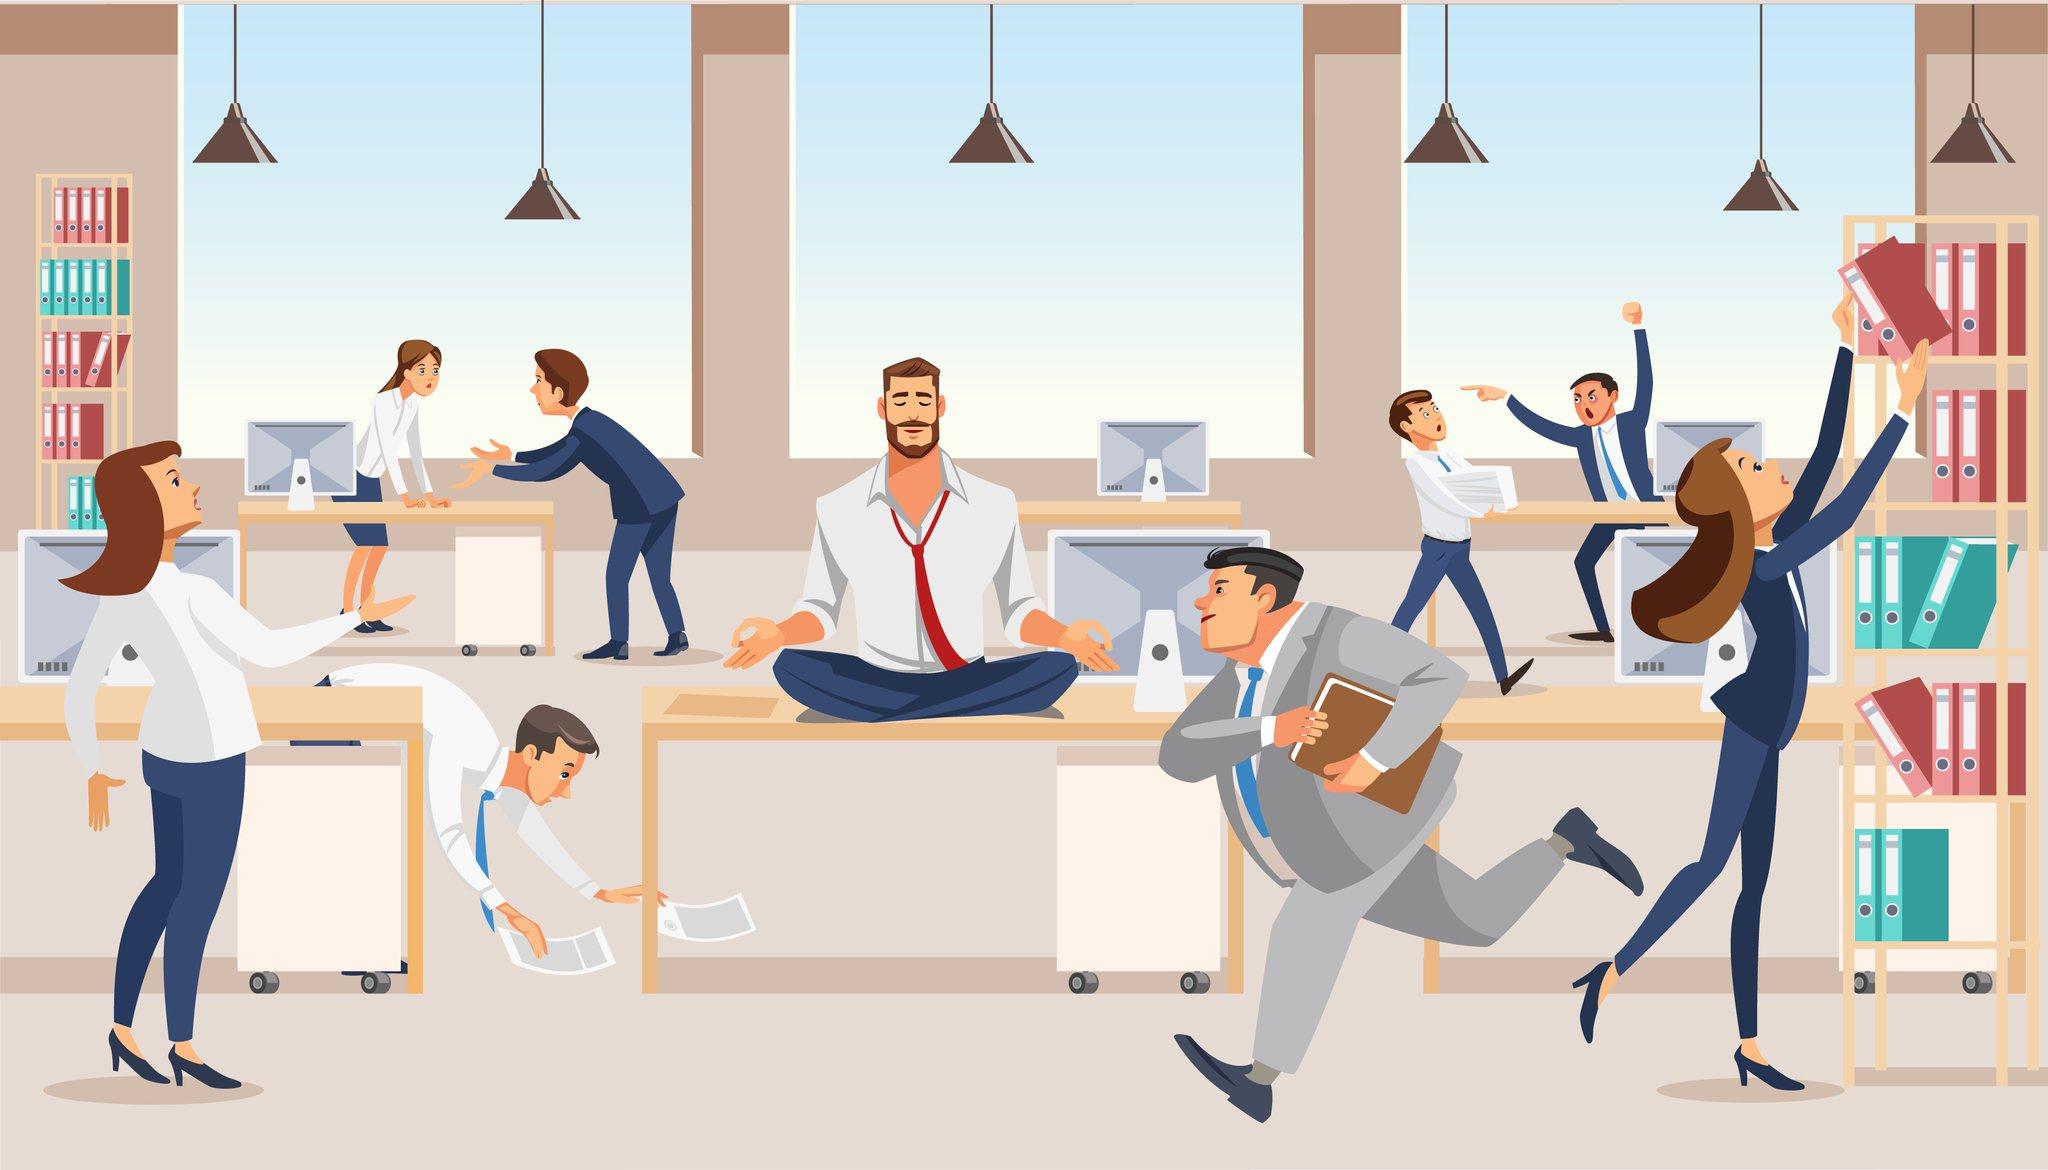 xây dựng văn hóa doanh nghiệp, xây dựng văn hóa doanh nghiệp việt nam